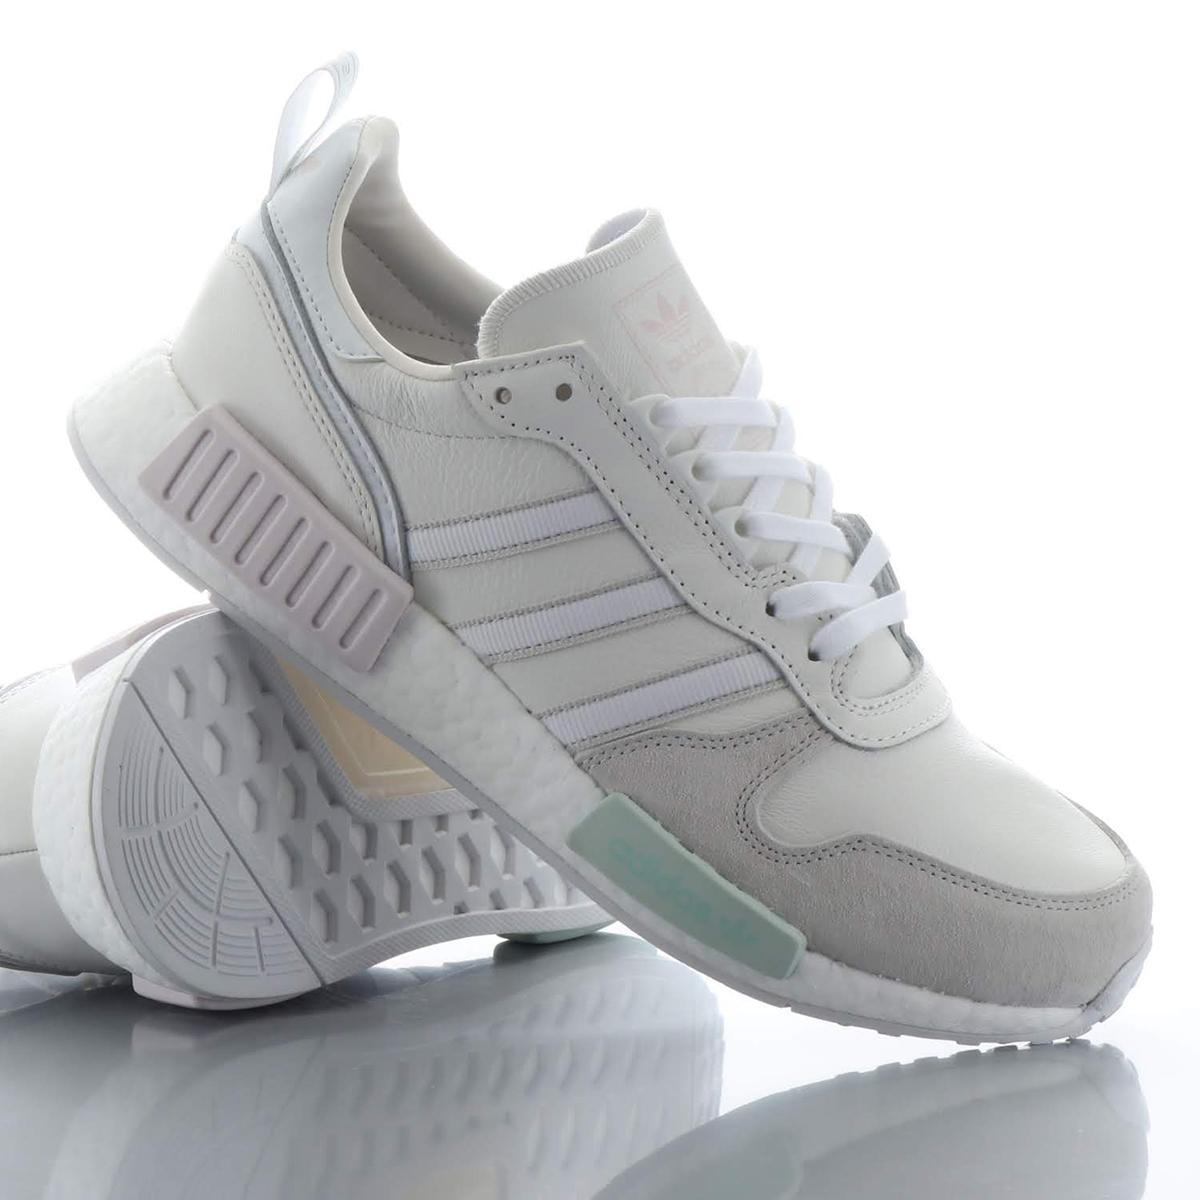 adidas Originals RISING_R1(アディダスオリジナルス ライジング_R1)RUNNING WHITE / CLOUD WHITE / GREY【メンズ レディース スニーカー】18FW-S